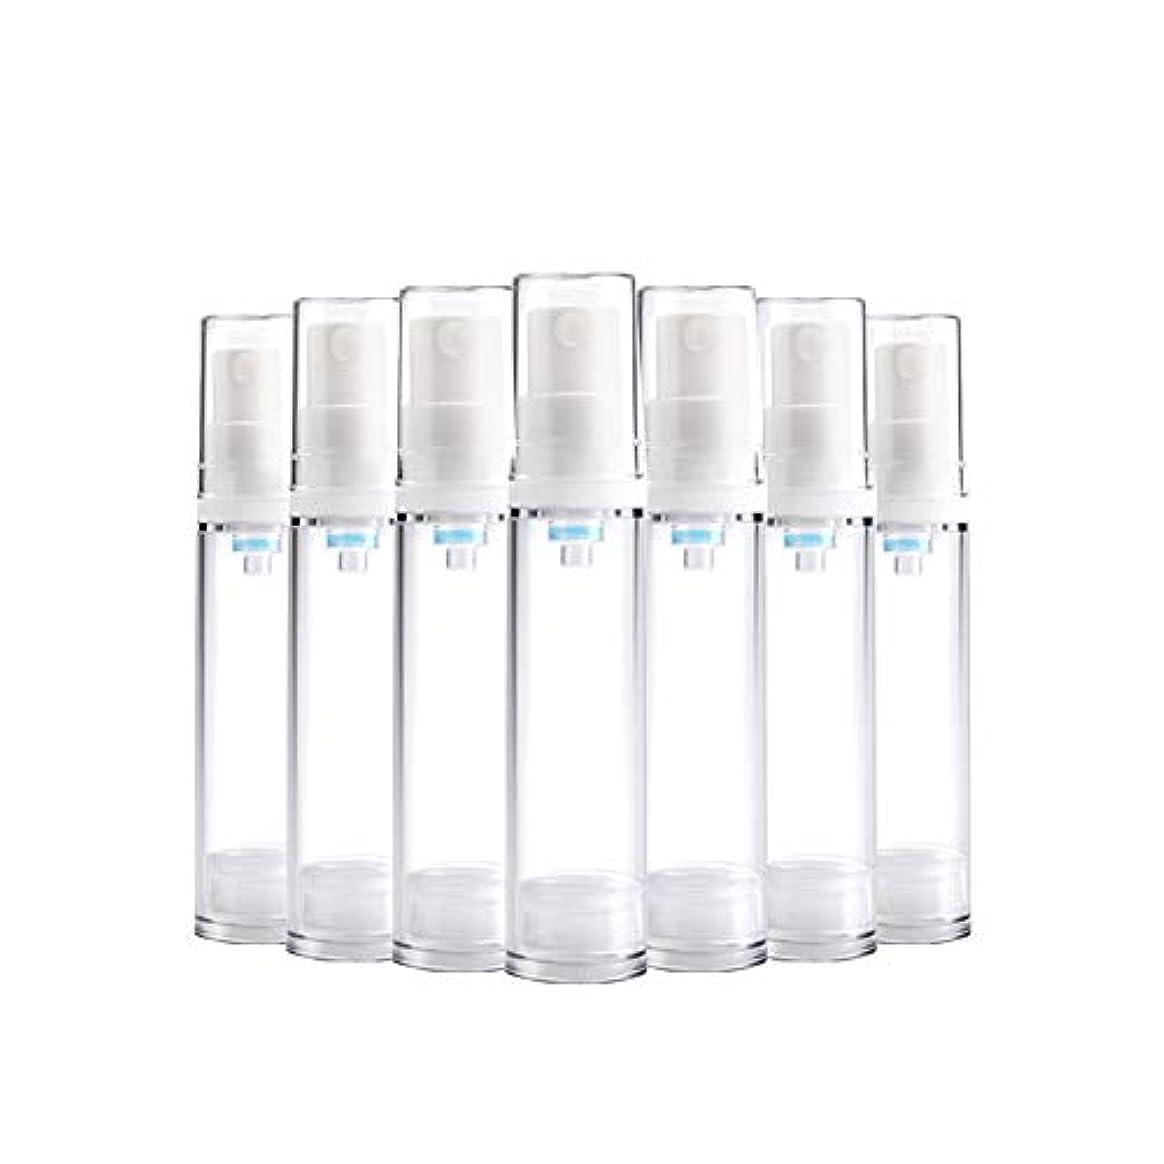 無駄言及する出血6 PCS Aspireトランスペアレントプラスチックエアロゾルスプレーボトルエアレスポンプスプレーボトル 詰め替え可能なファインミストエアレススプレー(15ml 30ml) - 30 ml